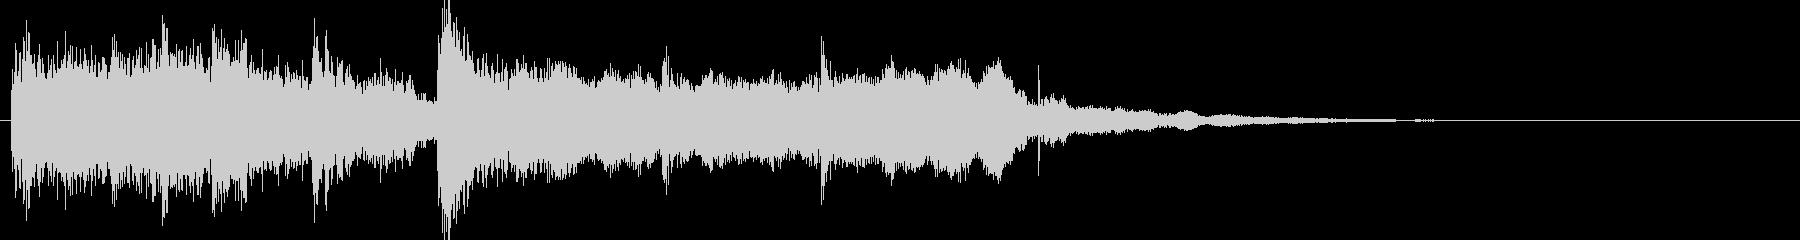 和風スタートクリック音ジングル効果音の未再生の波形